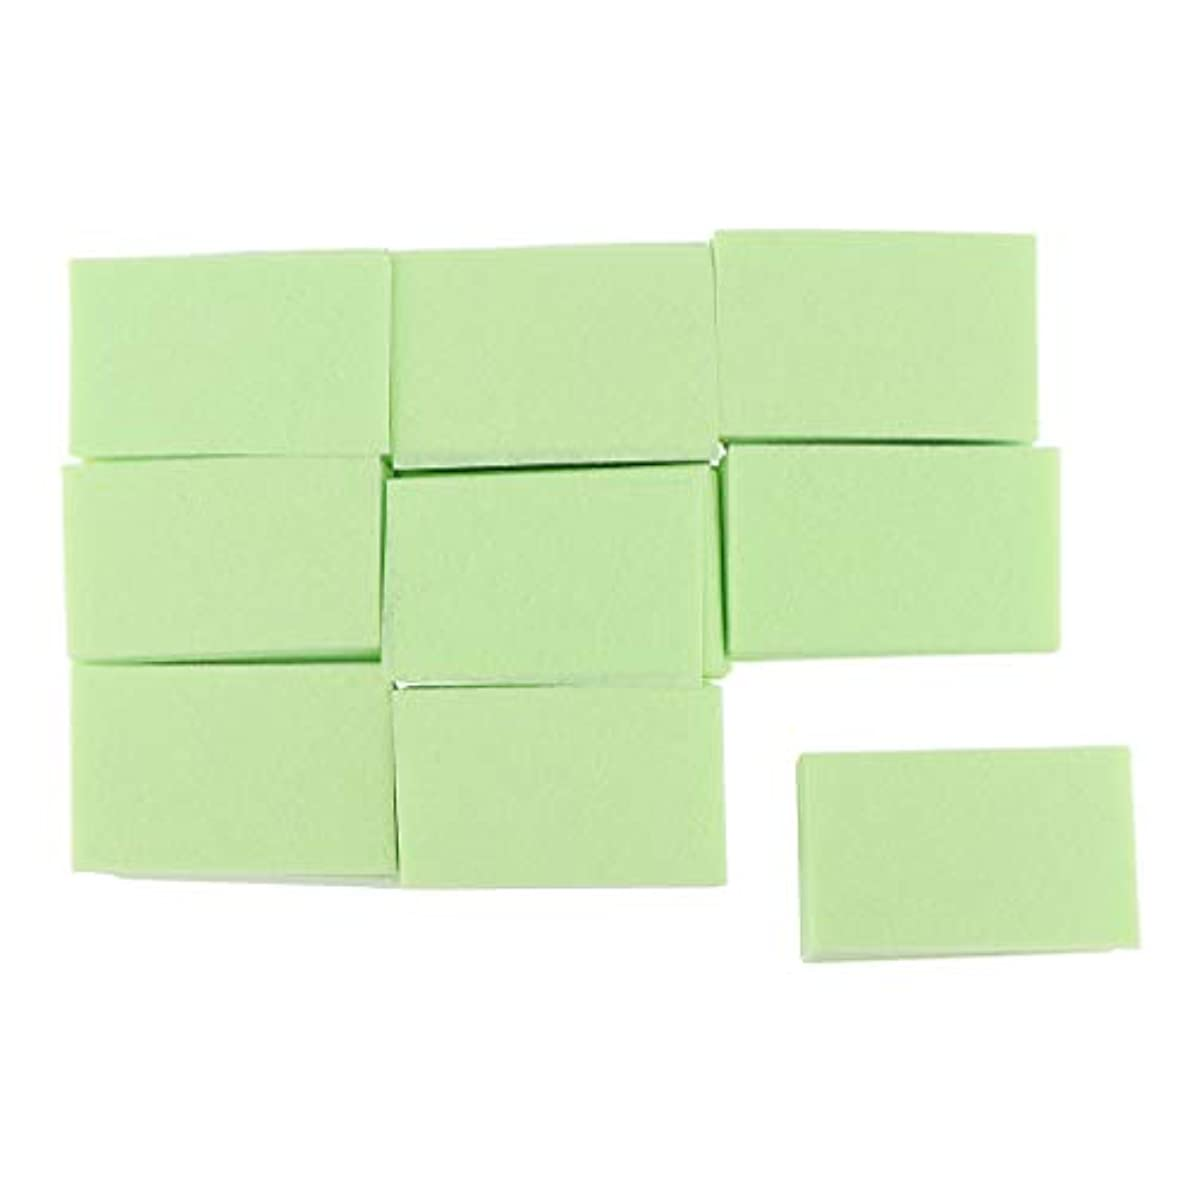 著者早く添加F Fityle 約700枚 ネイルポリッシュリムーバー コットンパッド マニキュア 2色選べ - 緑